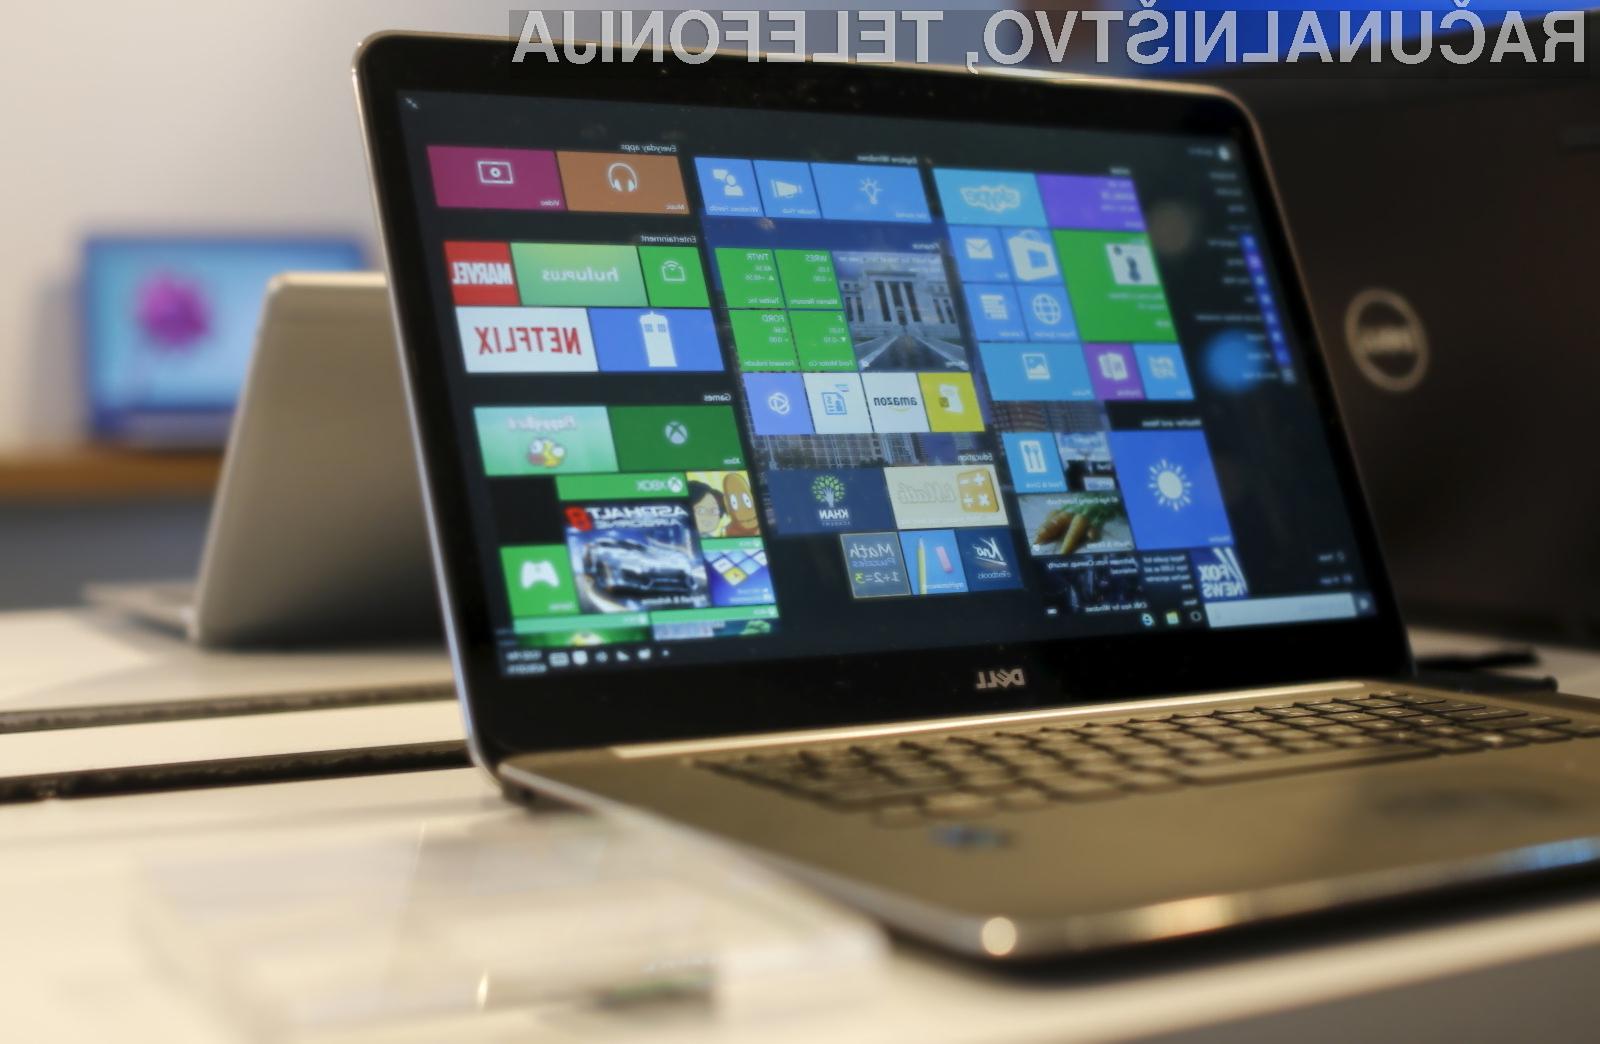 Uporabniki starejših računalnikov bi lahko po namestitvi popravkov za Windows morali celo kupiti nov računalnik.